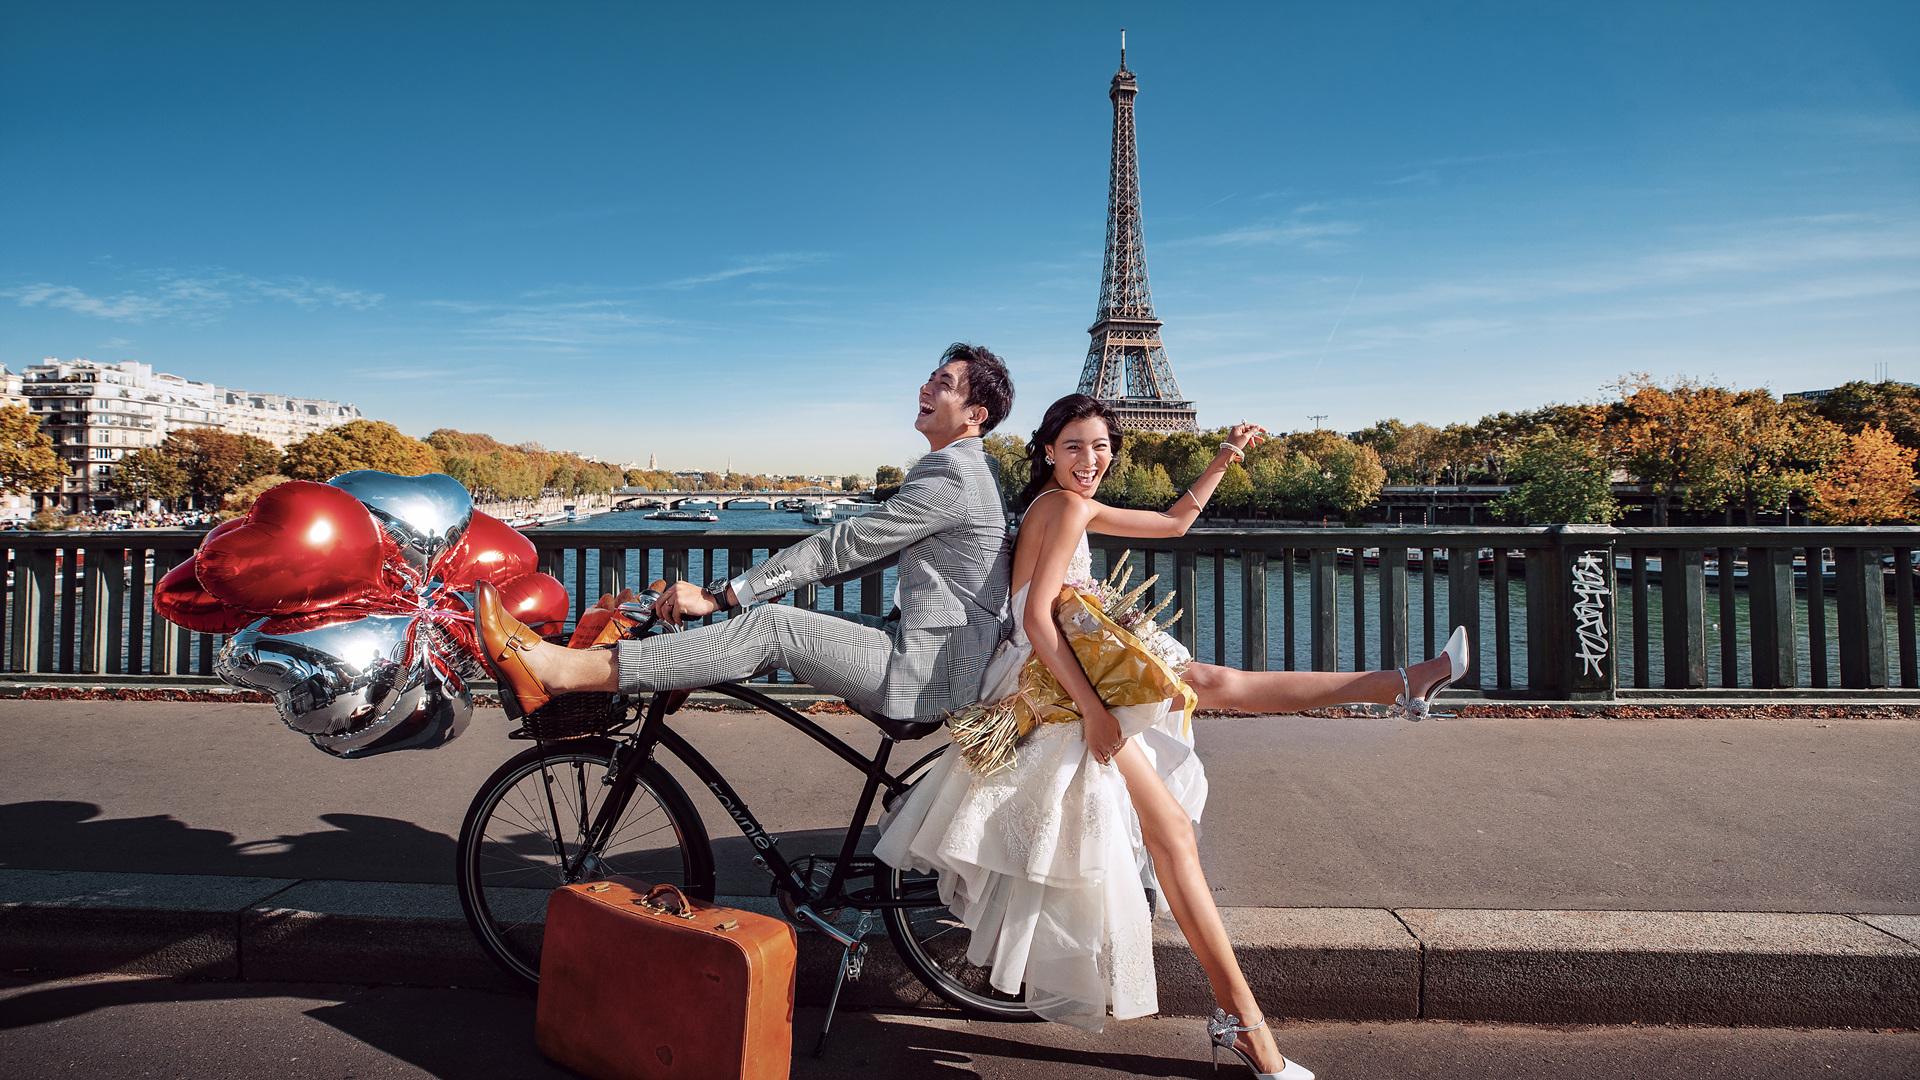 怎么选择适合的婚纱照拍摄风格 厦门婚纱照拍摄风格推荐